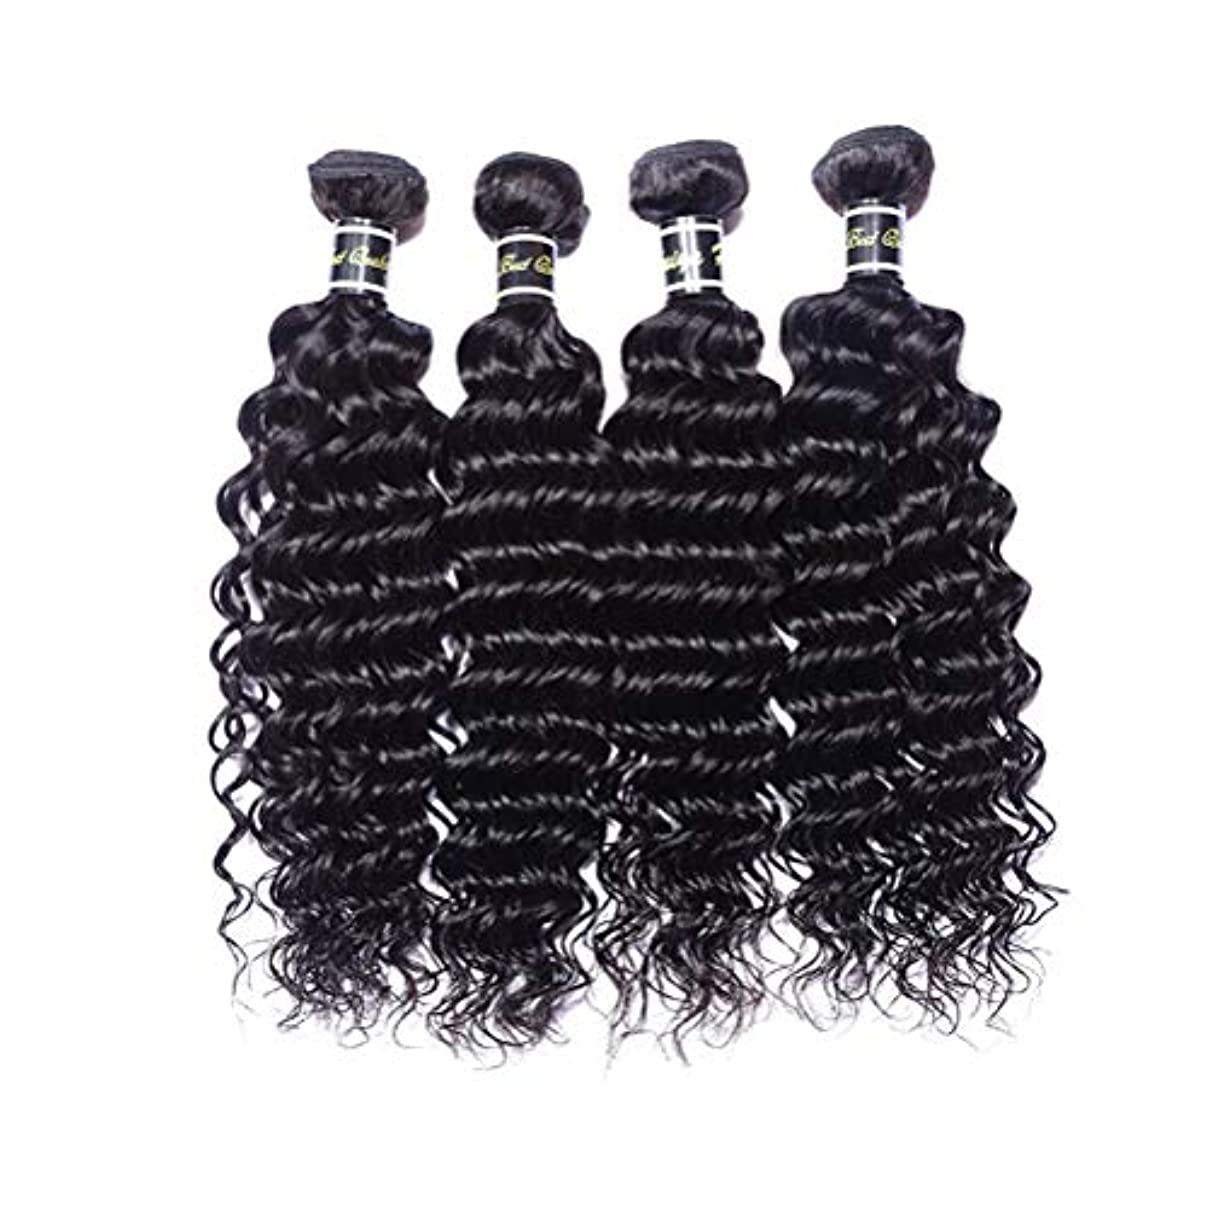 欺くイタリアのギャングスター髪織り8aブラジルバージンヘアディープウェーブバンドル人間の髪バンドルディープウェーブブラジルヘアバンドルディープウェーブ人間の髪